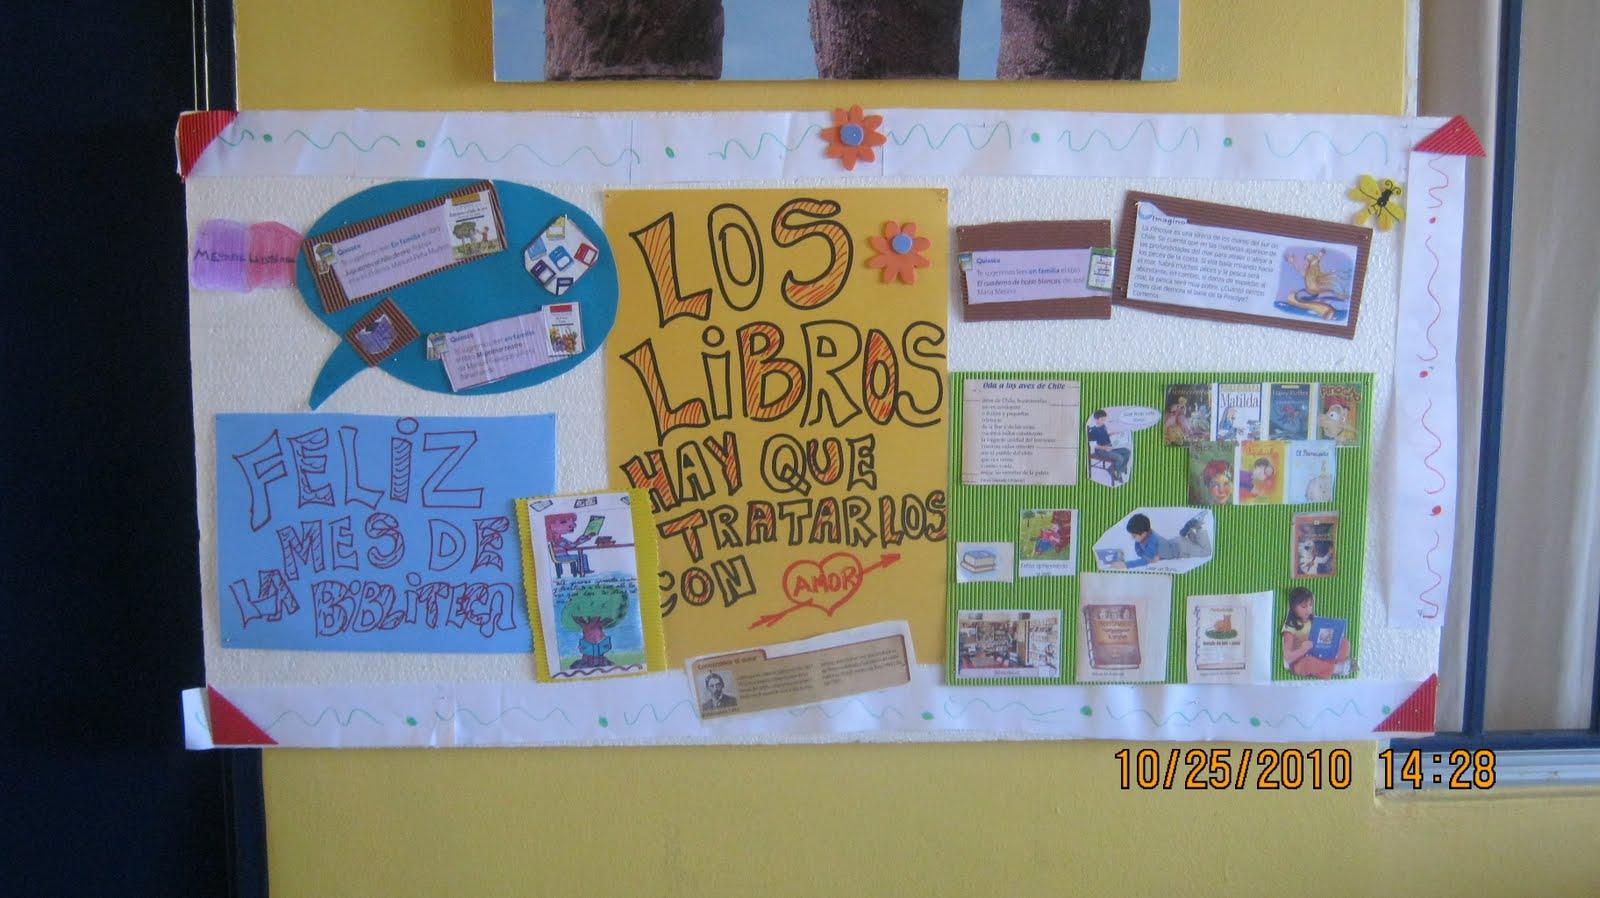 Cra colegio nuevo horizonte noviembre 2010 for Diario el mural de jalisco